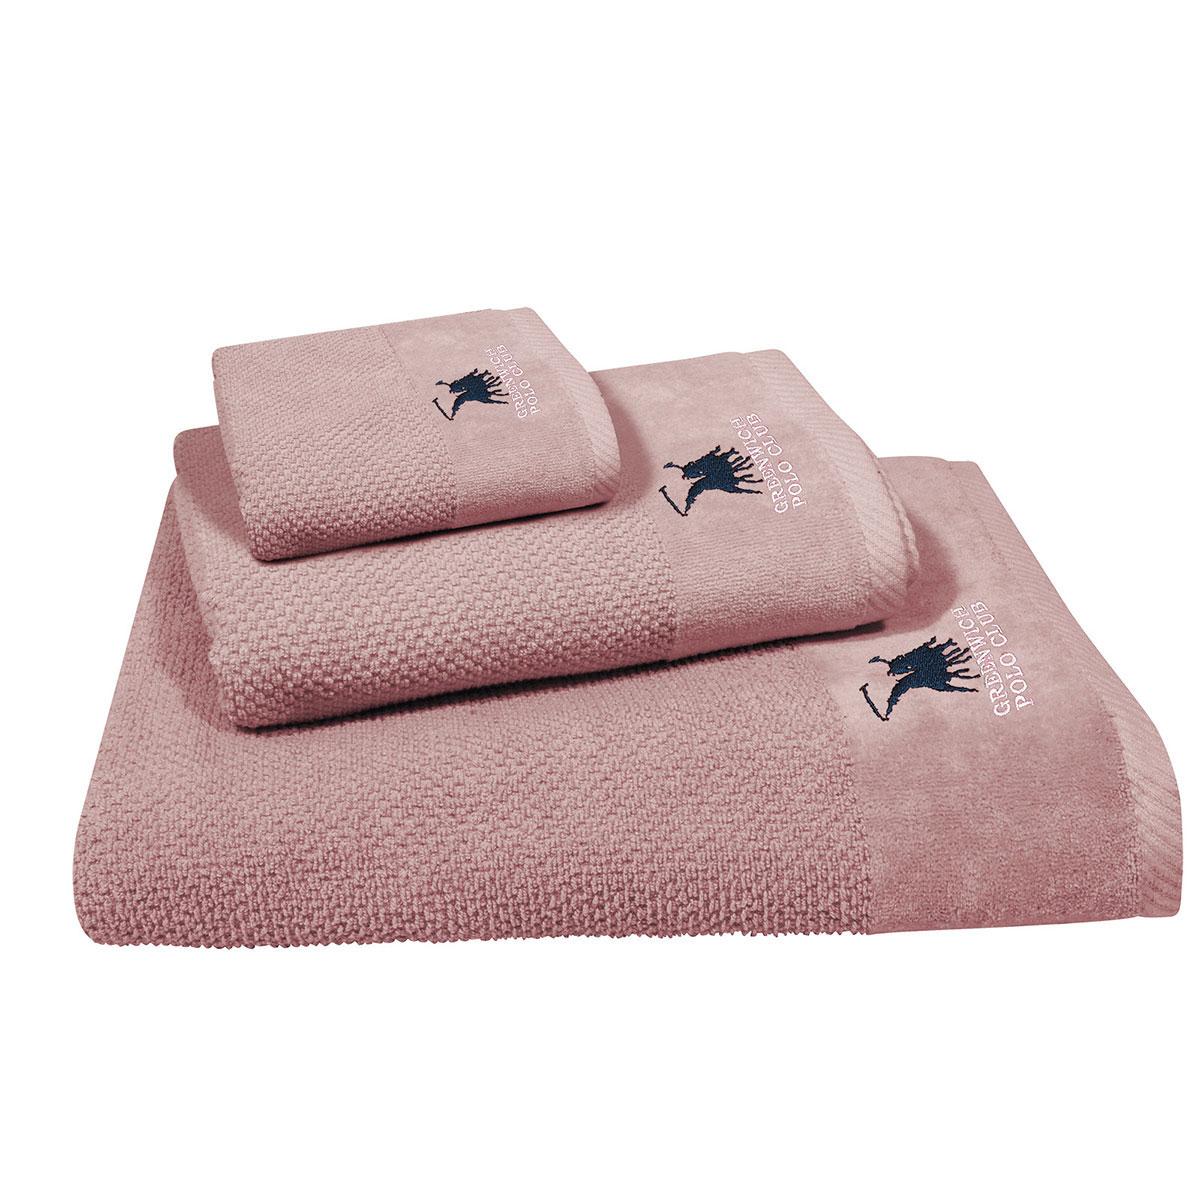 Πετσέτες Μπάνιου (Σετ 3τμχ) Polo Club Essential 2543 Pink